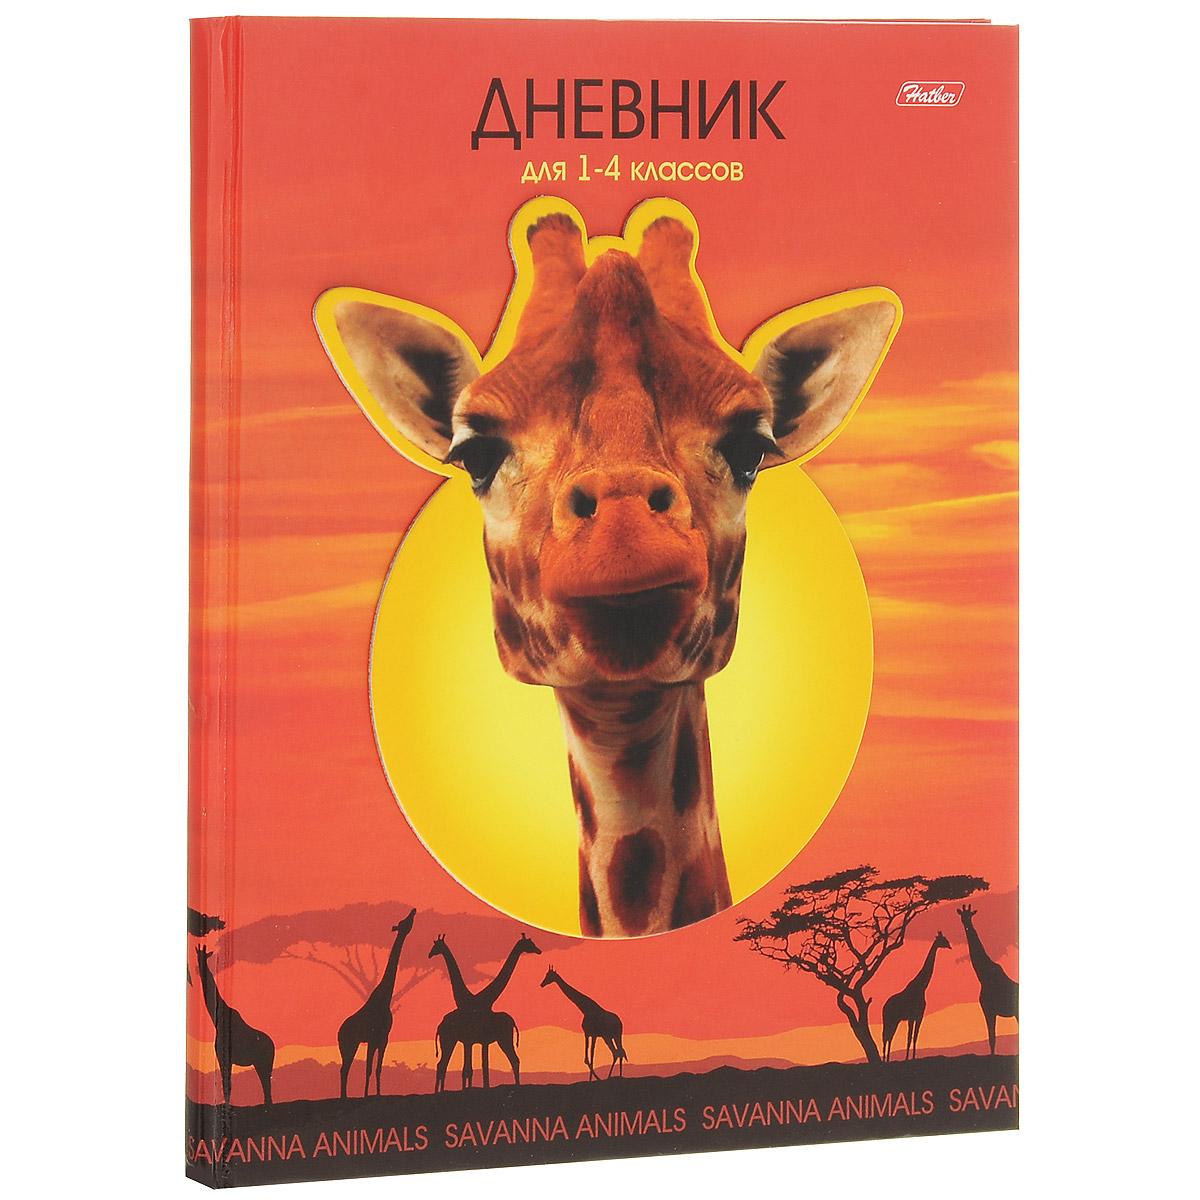 Дневник школьный Hatber Жираф, цвет: оранжевый, желтый72523WDШкольный дневник Hatber Жираф - первый ежедневник вашего ребенка. Он поможет ему не забыть свои задания, а вы всегда сможете проконтролировать его успеваемость. Дневник предназначен для учеников 1-4 классов. Обложка дневника выполнена из плотного глянцевого картона и оформлена объемной наклейкой в виде головы жирафа. Внутренний блок изготовлен из высококачественной бумаги и состоит из 48 листов с изображением трех временгода: осени, зимы и весны. Каждая страничка дневника содержит пословицы разных народов мира. Вструктуру дневника входят все необходимые разделы: информация о личных данных ученика, школе и педагогах,друзьях и одноклассниках, расписание факультативов и уроков по четвертям, сведения об успеваемости срекомендациями педагогического коллектива. Дневник также содержит номера телефонов экстренной помощи и даты государственных праздников. Кроме стандартной информации, вконце дневника имеется краткий справочник школьника по математике и русскому языку. На внутреннем развороте обложки дневника изображены физическая и административная карты России. Задняя обложка дополнена справочной информацией по математике, в том числе таблицей умножения.Школьный дневник Hatber Жираф станет отличным помощником в освоении новых знаний и принесет радость своему хозяину в учебные будни.